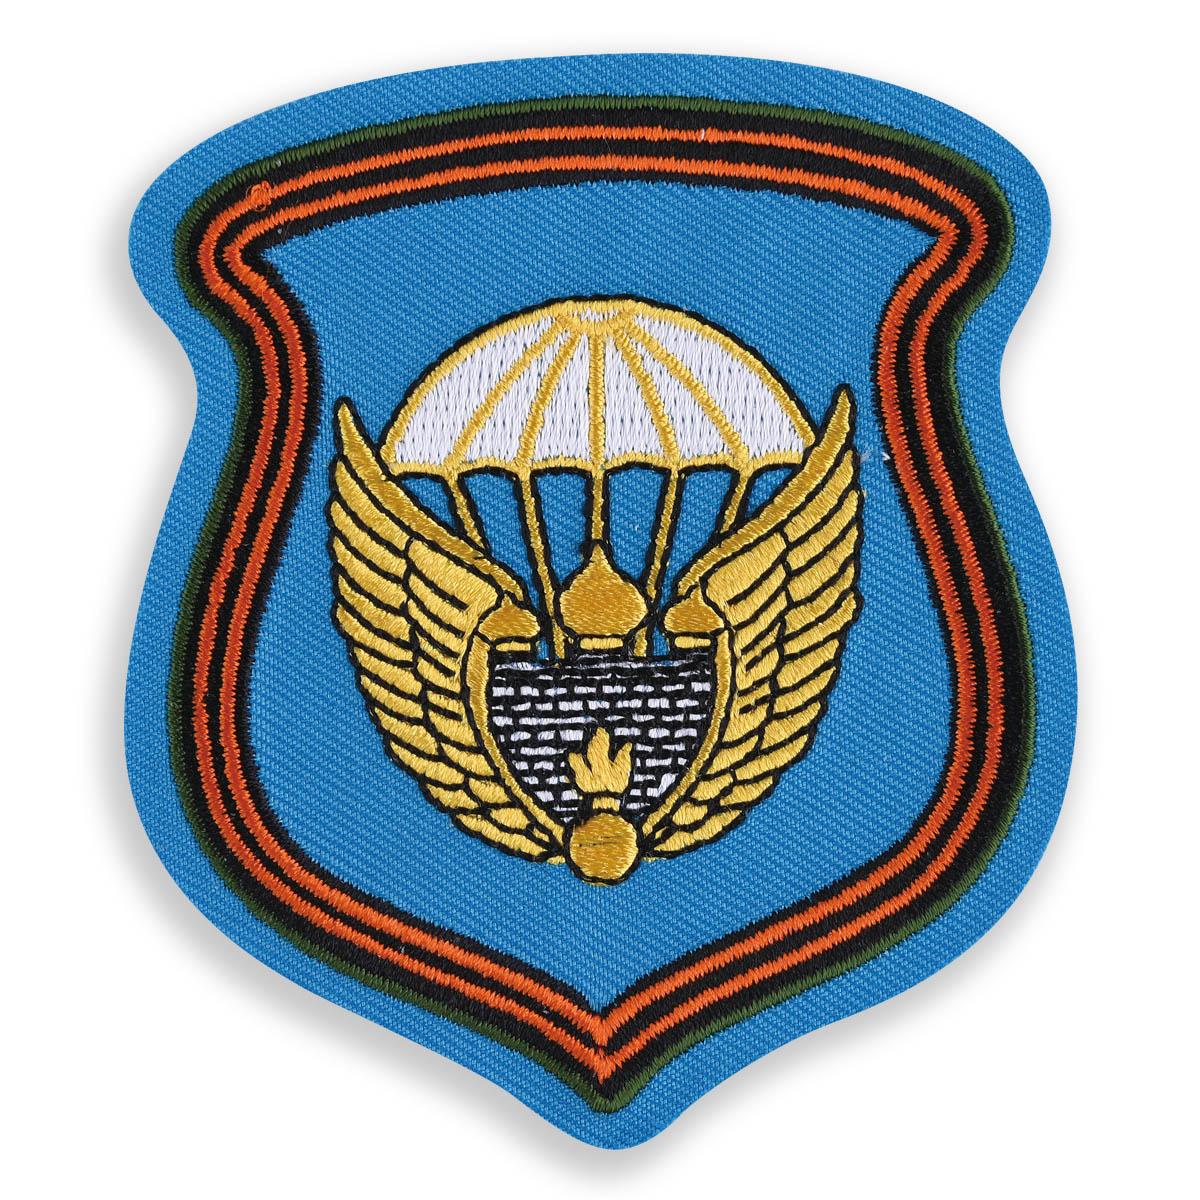 Нашивка с эмблемой 106 гв. ВДД